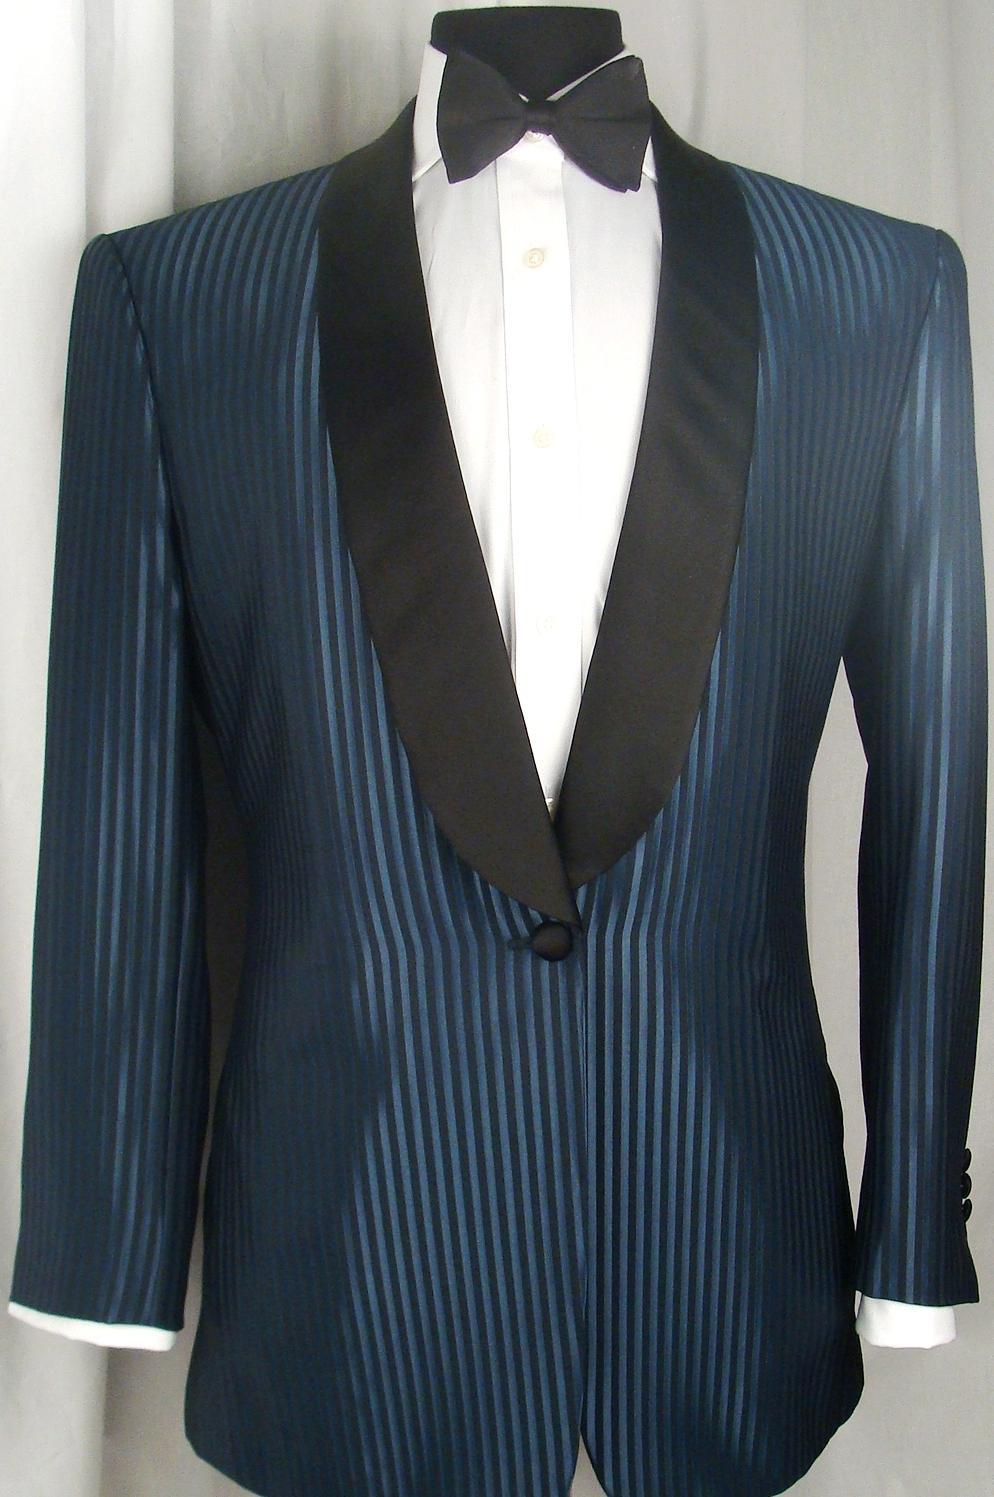 When wearing a tuxedo,